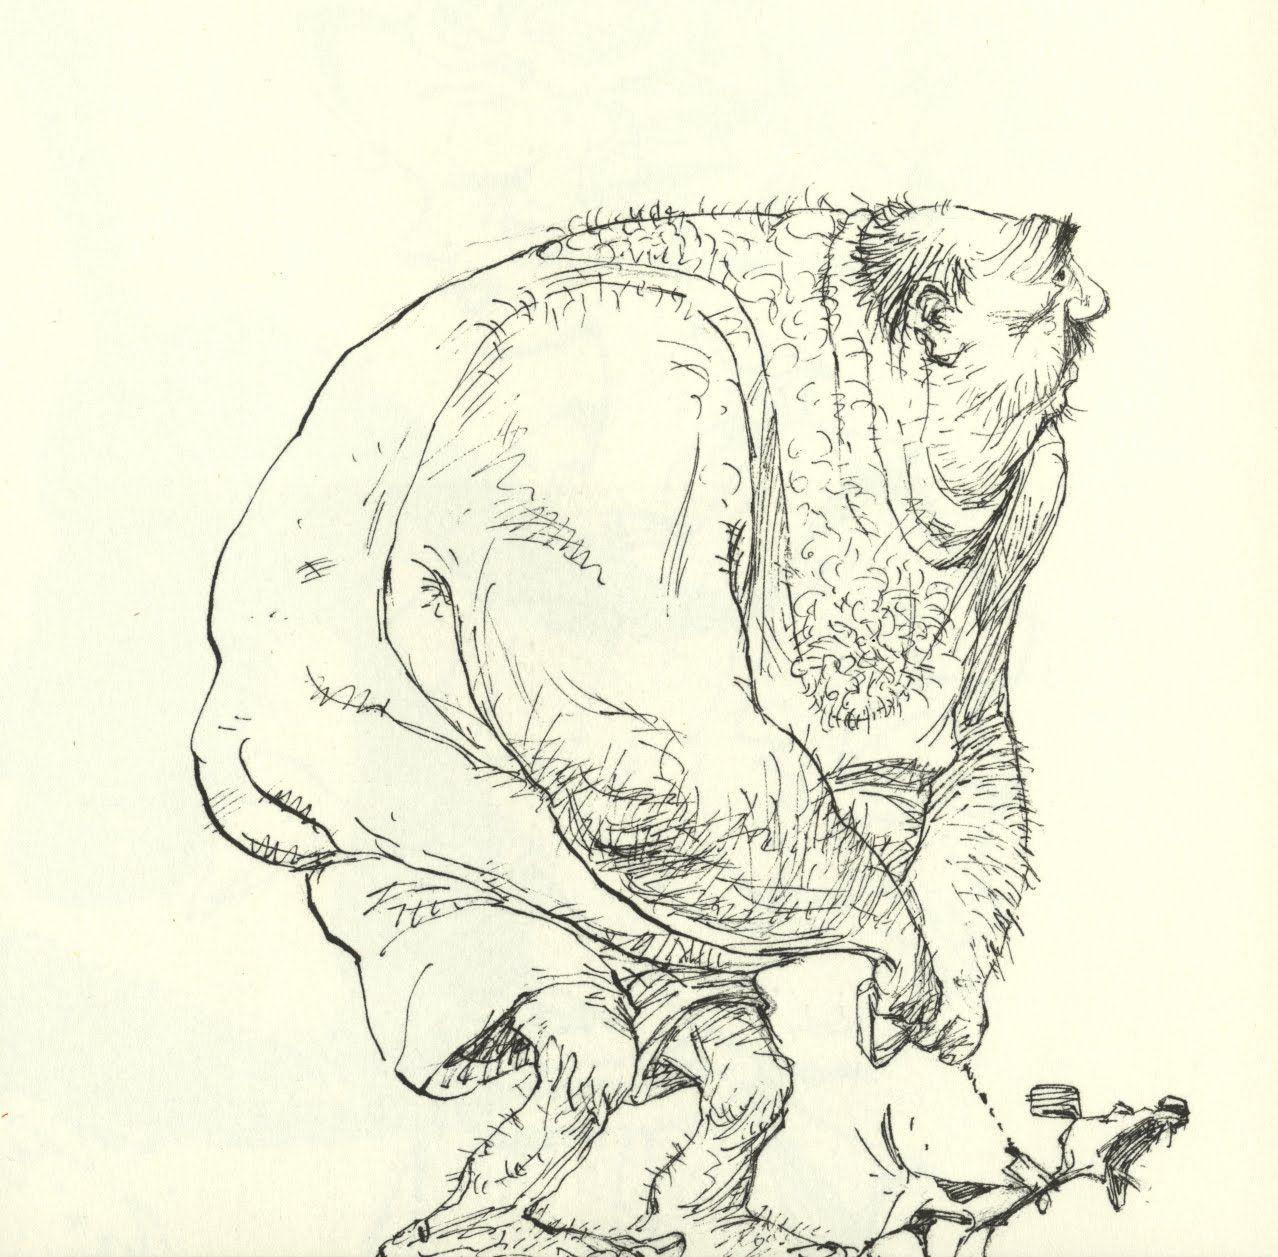 Peter de Seve, sketchbook